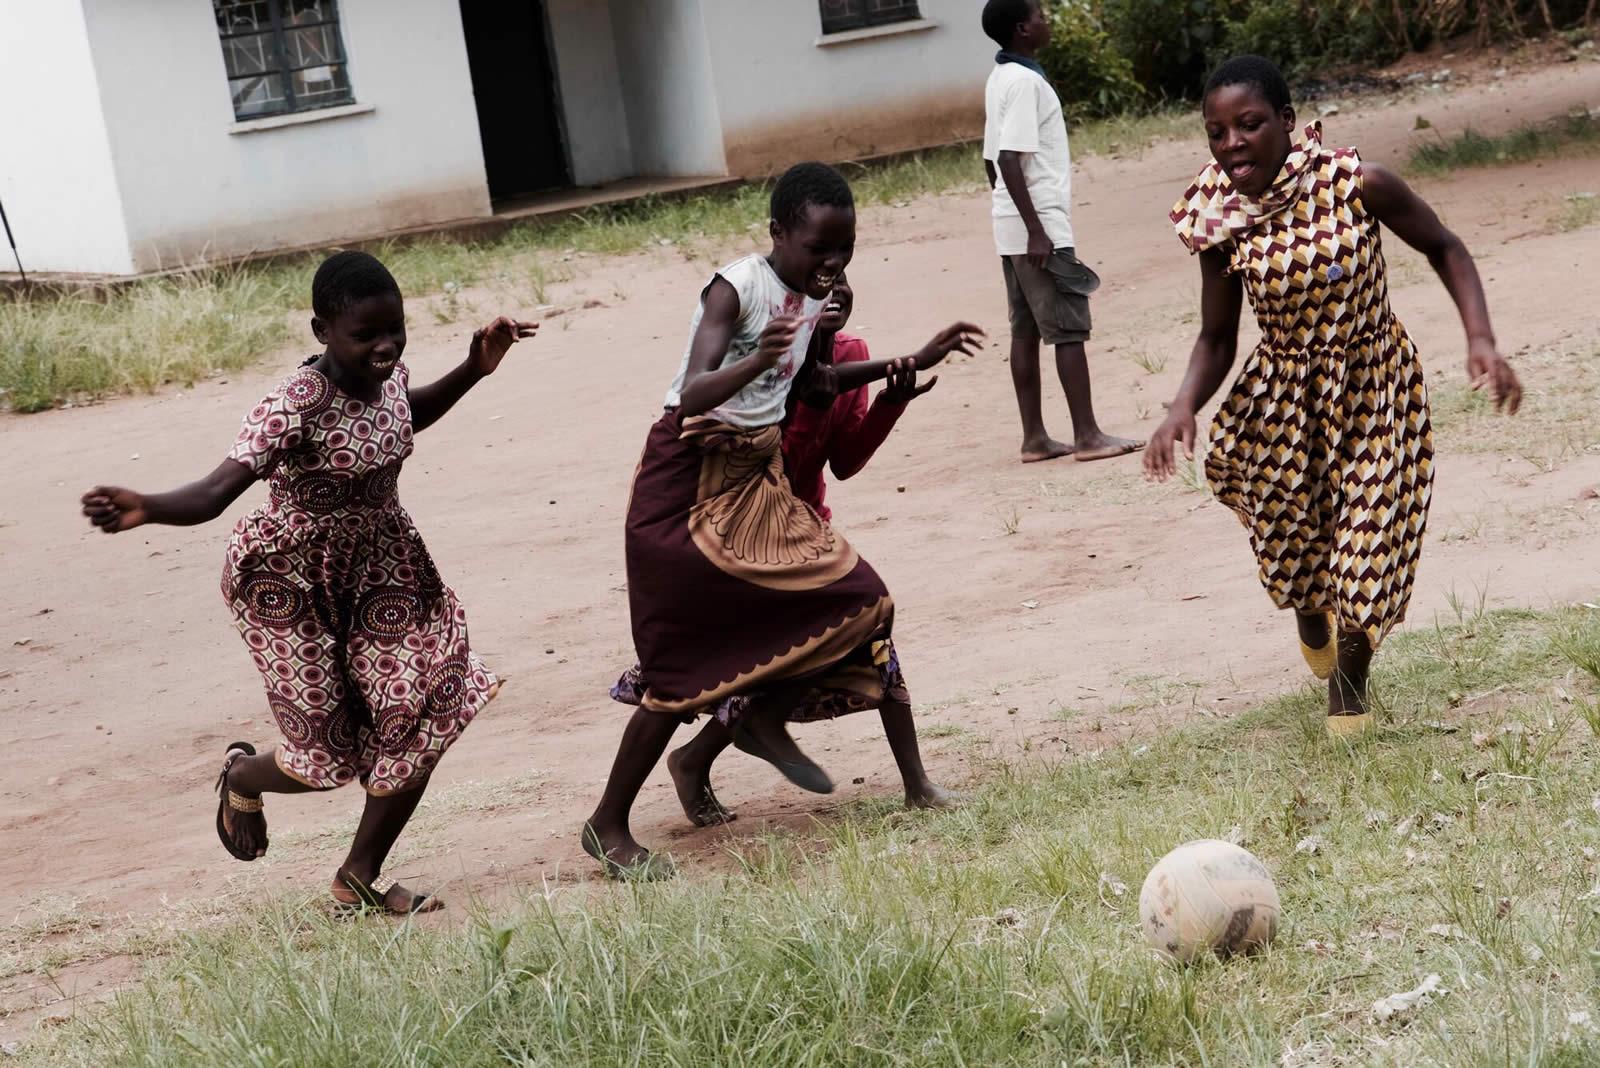 malawi-hiv-teenclub-2.jpg